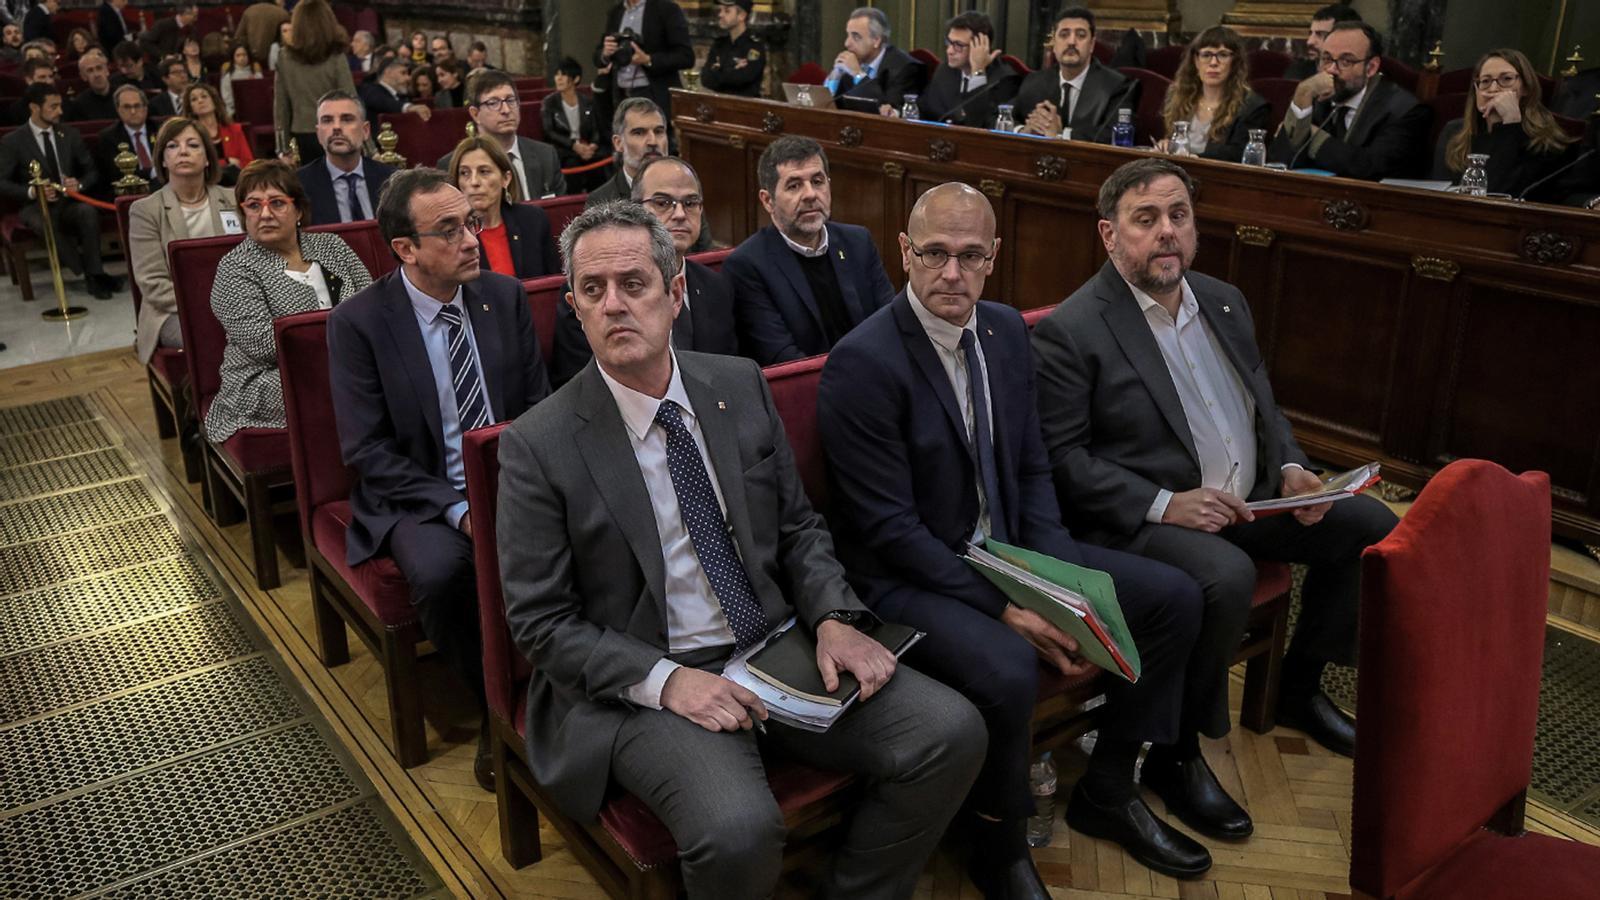 L'anàlisi d'Antoni Bassas: 'Que no ens vulguin enganyar: una manifestació no és sedició'